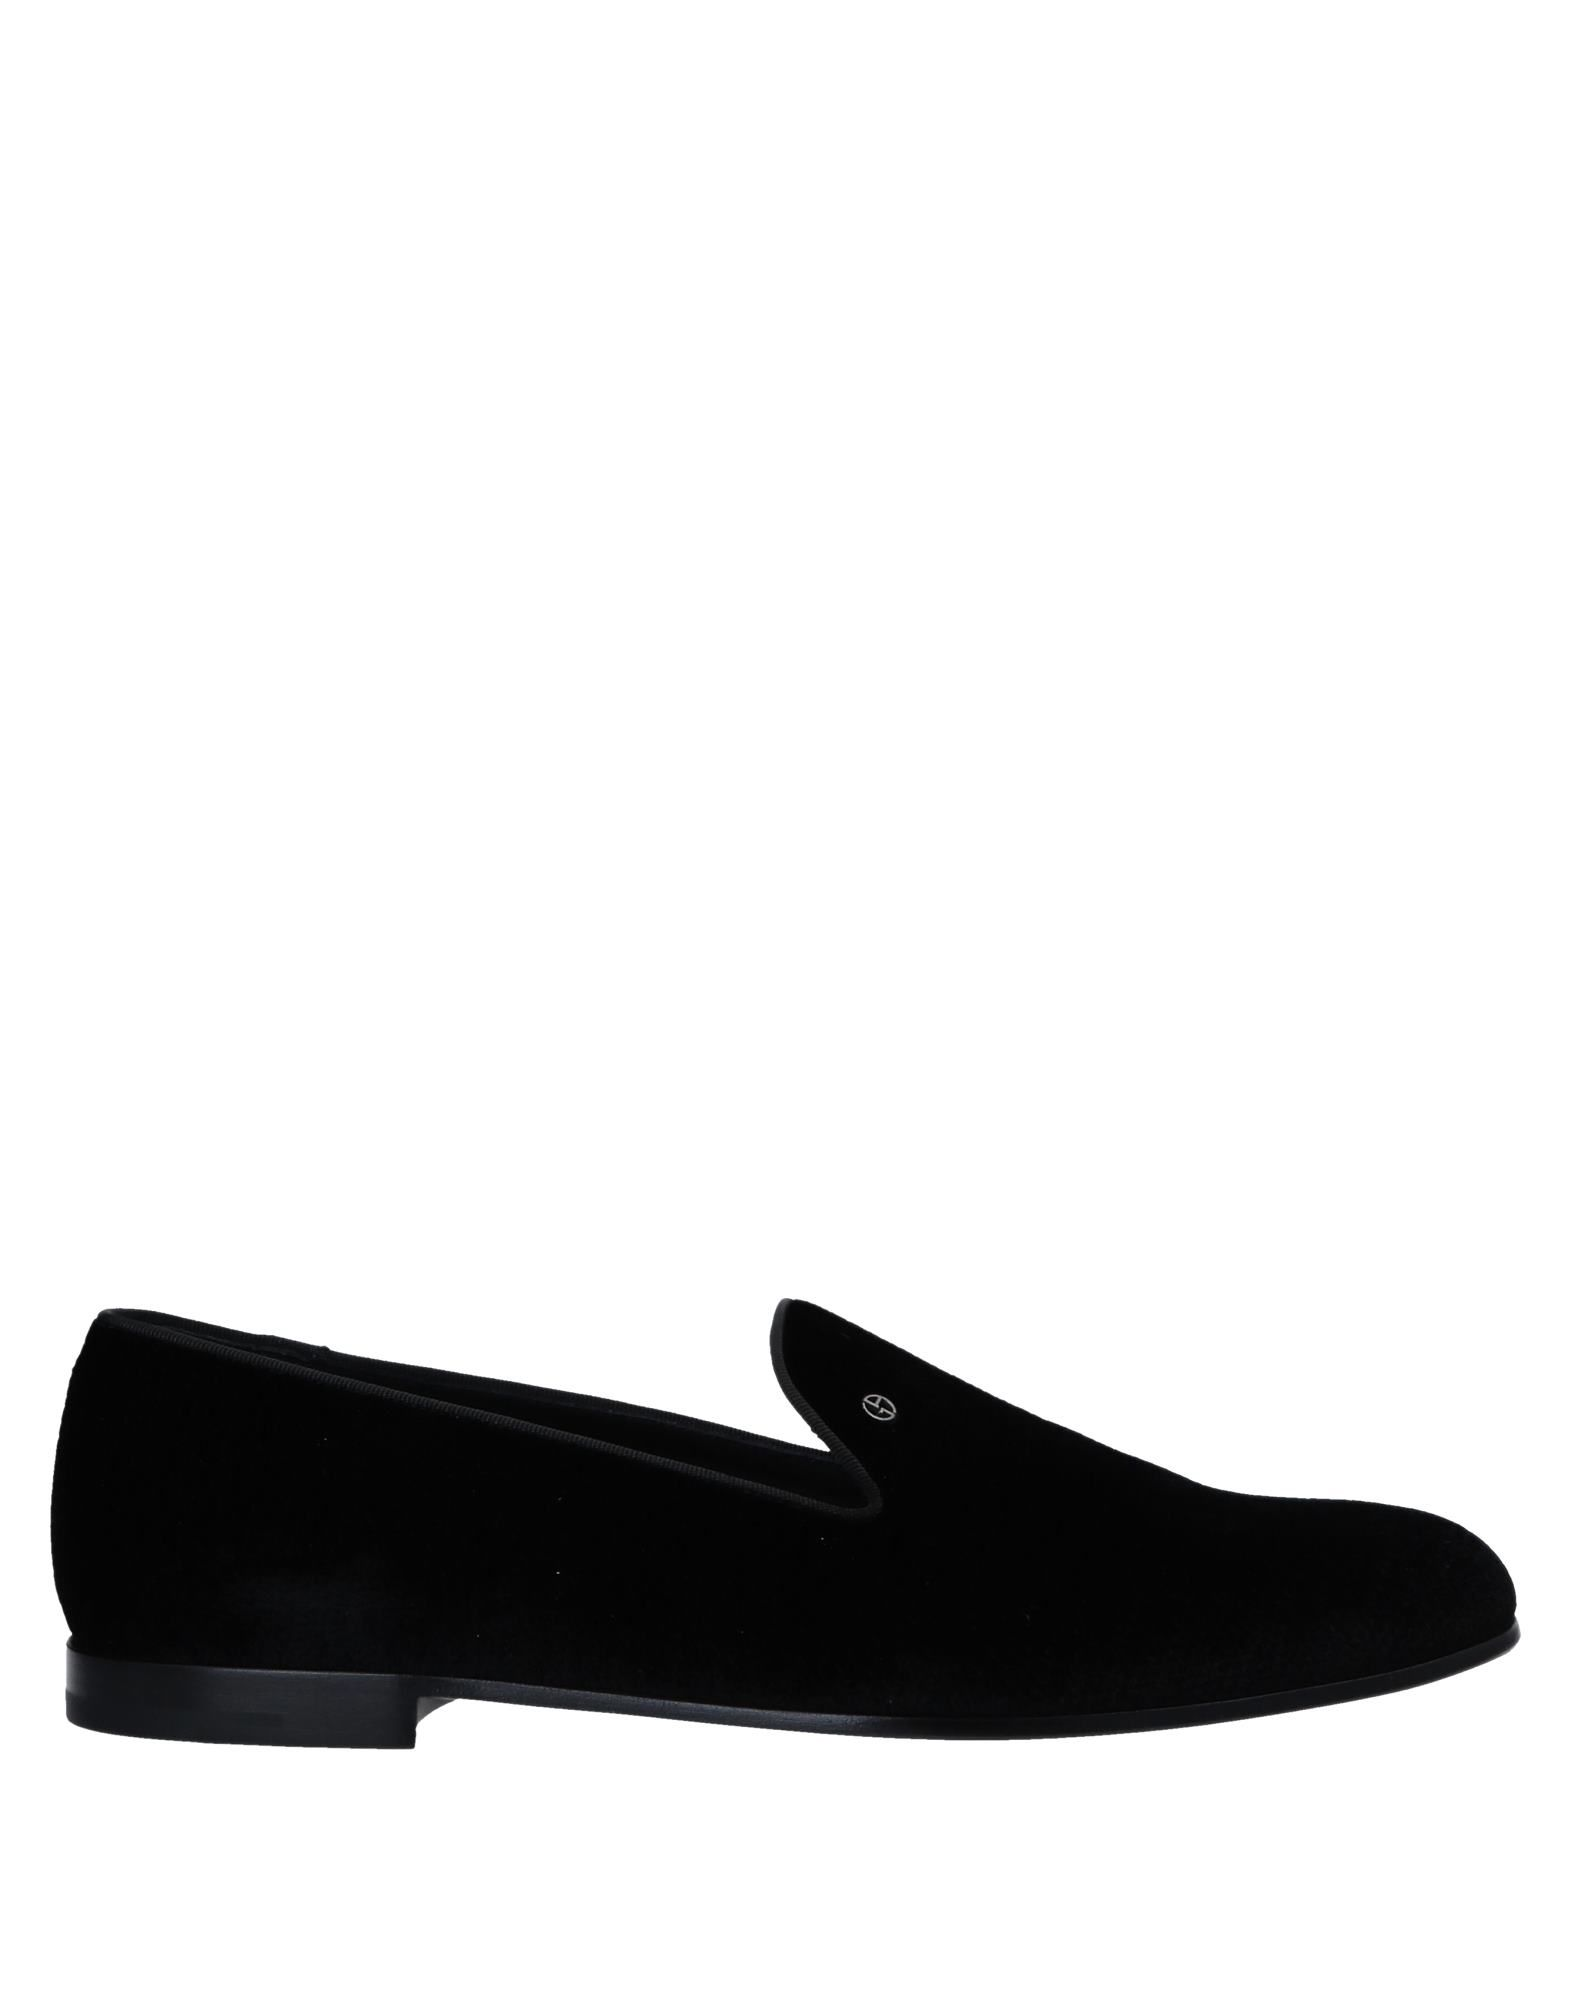 Giorgio Armani Mokassins Herren  11555280GD Gute Qualität beliebte Schuhe